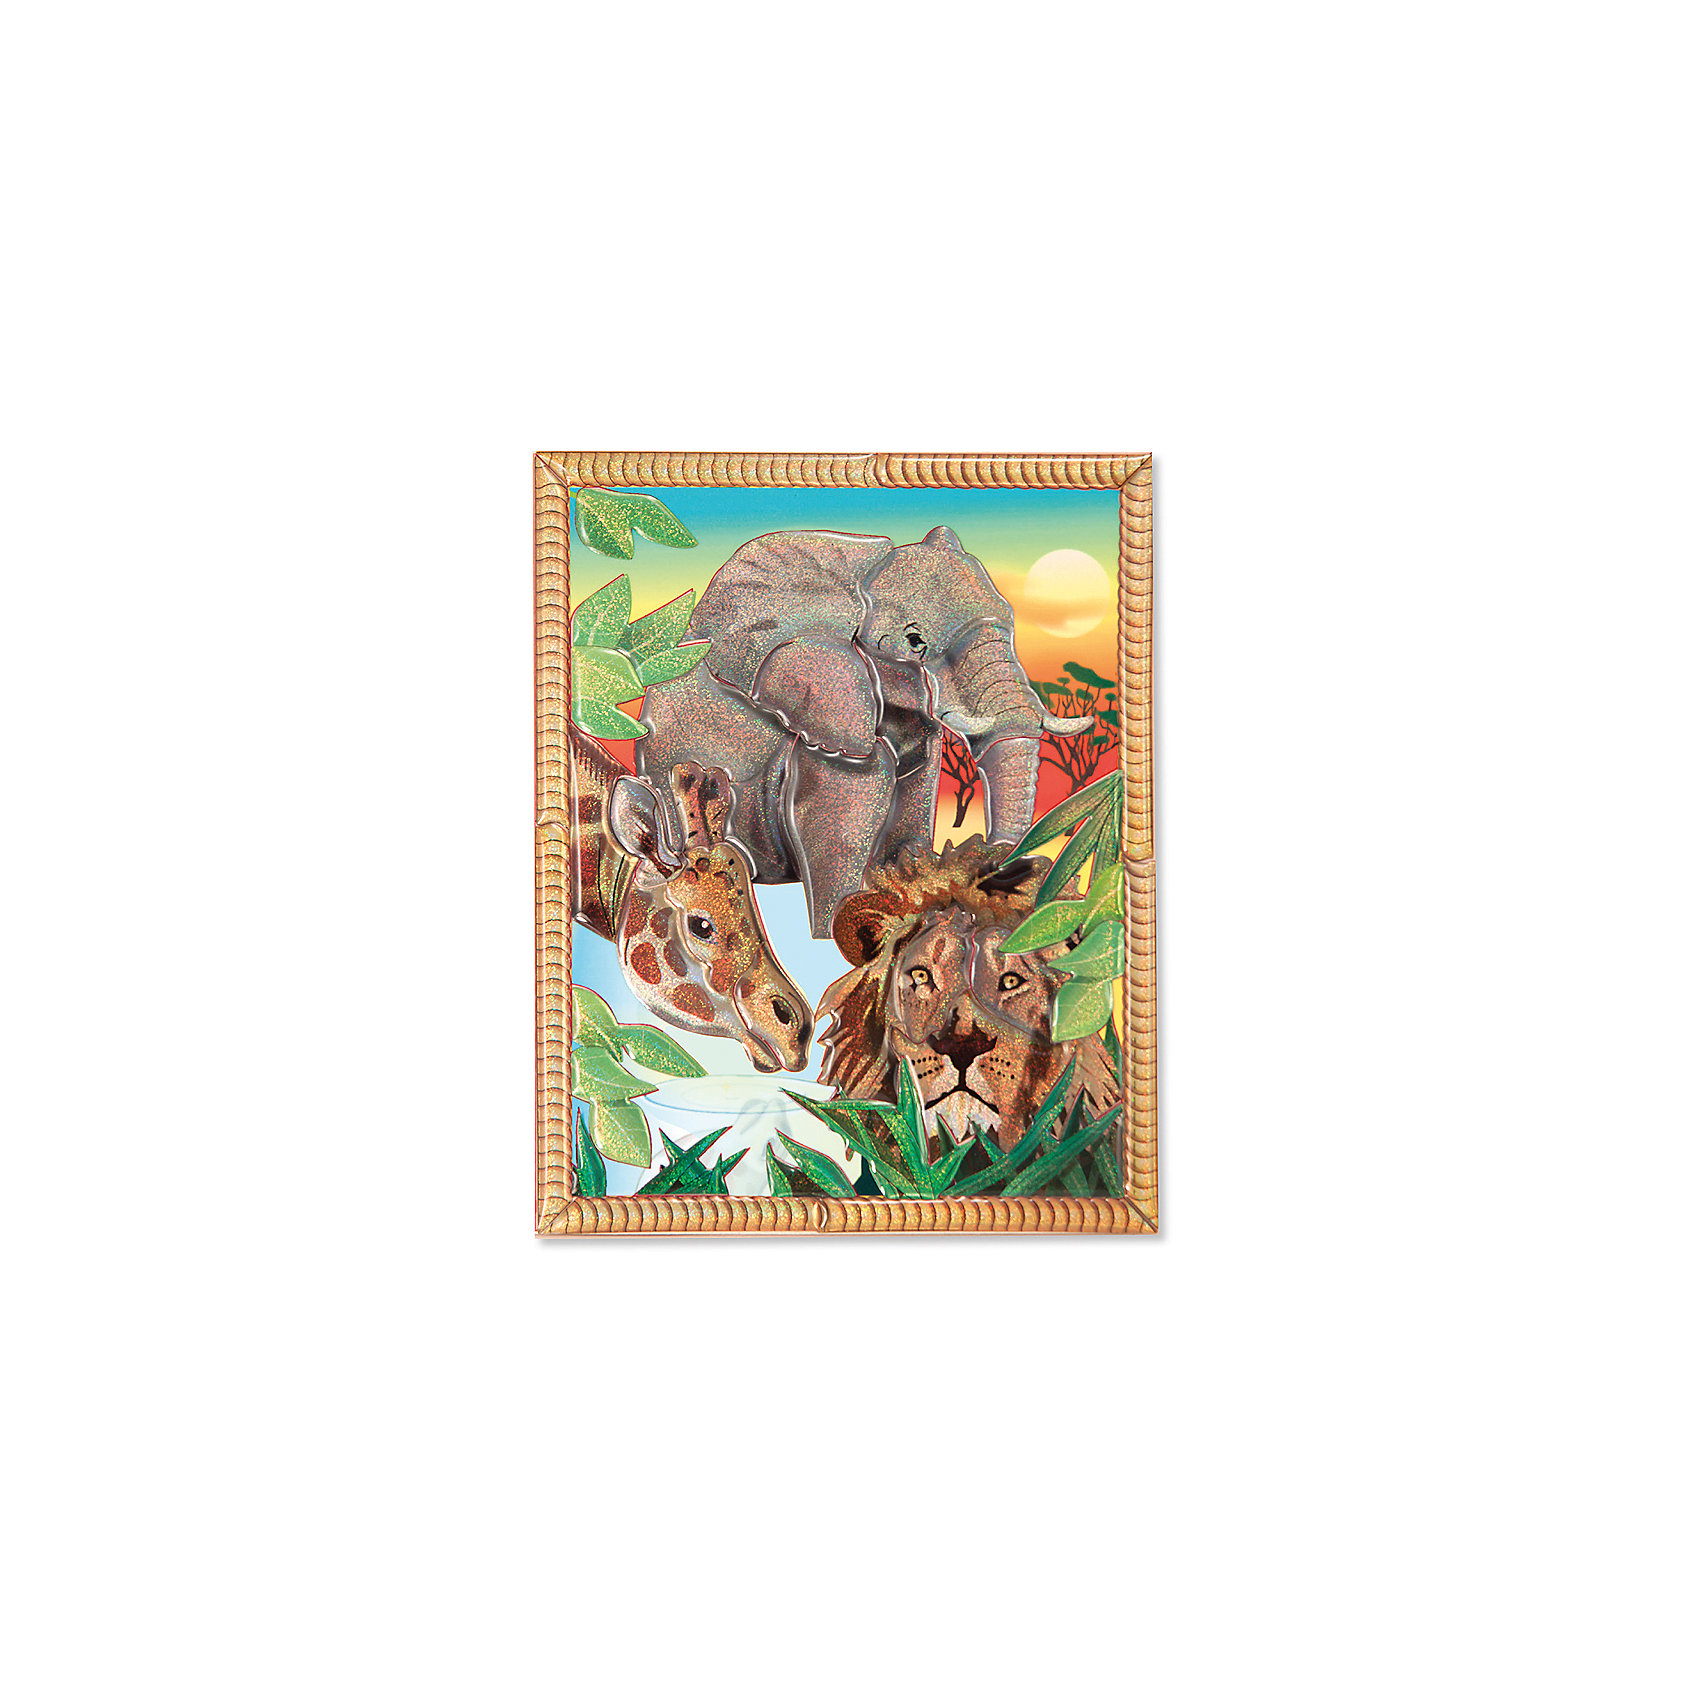 Мозаика Сафари, Melissa &amp; DougКрасочная Мозаика Сафари, Melissa &amp; Doug (Мелисса и Даг) предназначена для самых маленьких. Собрать мозаику очень просто: нужно поместить каждый фрагмент картинки на деревянный фон согласно номерам на основе и обратной стороне элементов. В результате получится изображение красочного африканского сафари, которым Ваш ребенок сможет гордиться! Готовую картинку можно подарить или повесить на стену. В процессе игры развиваются логическое и абстрактное мышление, мелкая моторика, зрительная память, творческие способности.<br><br>Дополнительная информация:<br>-Материал: дерево, картон<br>-Размер упаковки: 12х15 см<br><br>Набор для творчества мозаика «Сафари» является превосходным подарком для детей, чтобы они смогли весело и с пользой провести время дома, проявив фантазию и творческий подход.<br><br>Мозаика Сафари, Melissa &amp; Doug (Мелисса и Даг) можно купить в нашем магазине.<br><br>Ширина мм: 200<br>Глубина мм: 200<br>Высота мм: 200<br>Вес г: 310<br>Возраст от месяцев: 60<br>Возраст до месяцев: 180<br>Пол: Унисекс<br>Возраст: Детский<br>SKU: 4008264